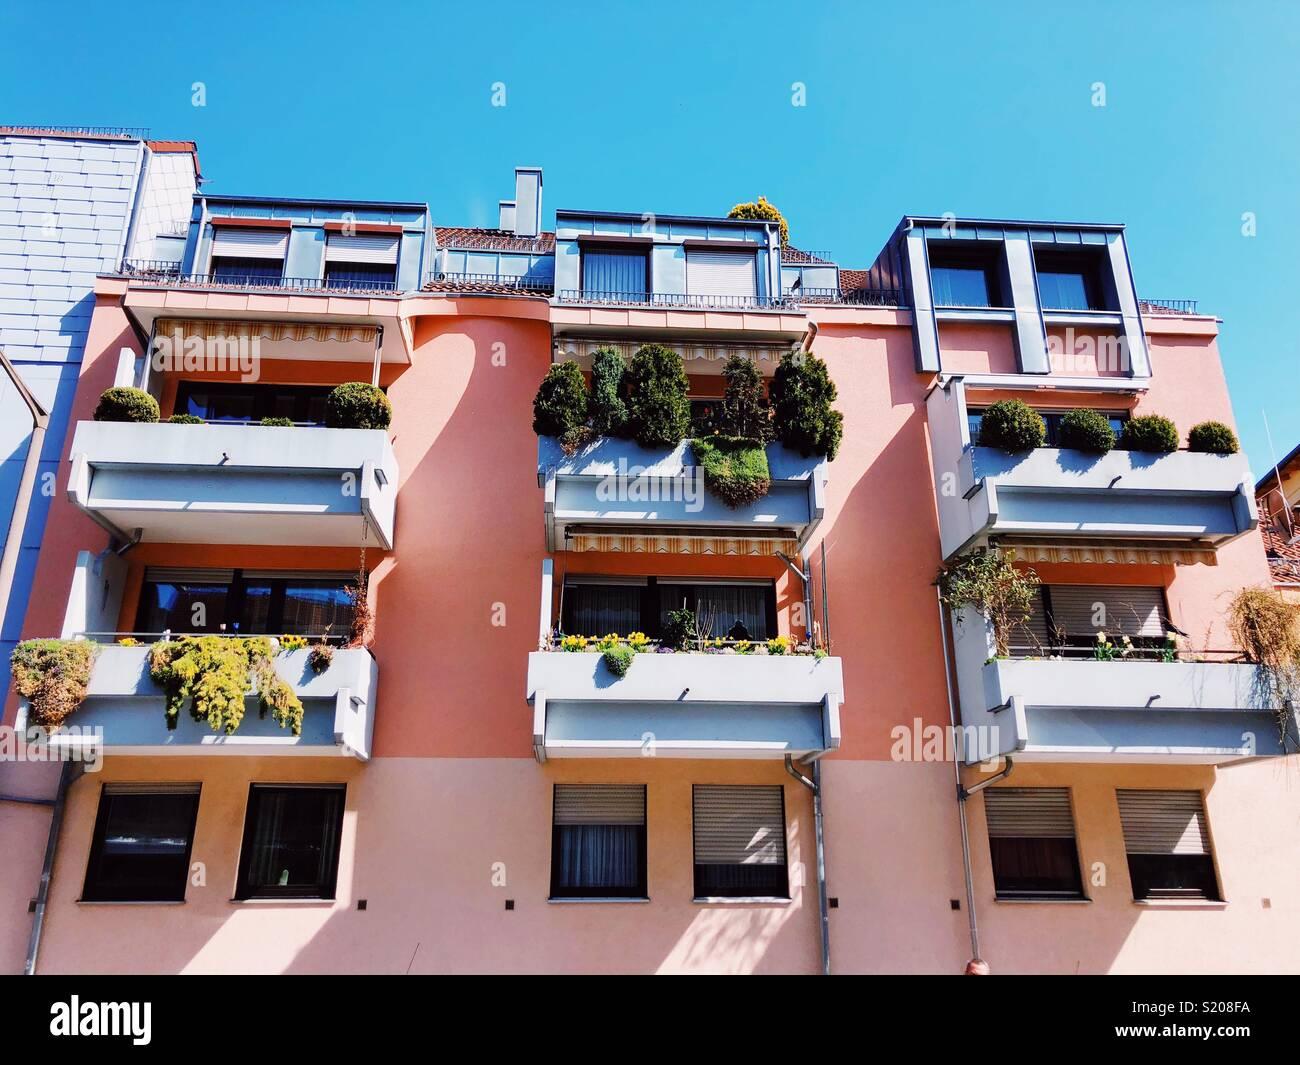 La molla nella città. Case colorate con vasi di verde sul balcone Immagini Stock